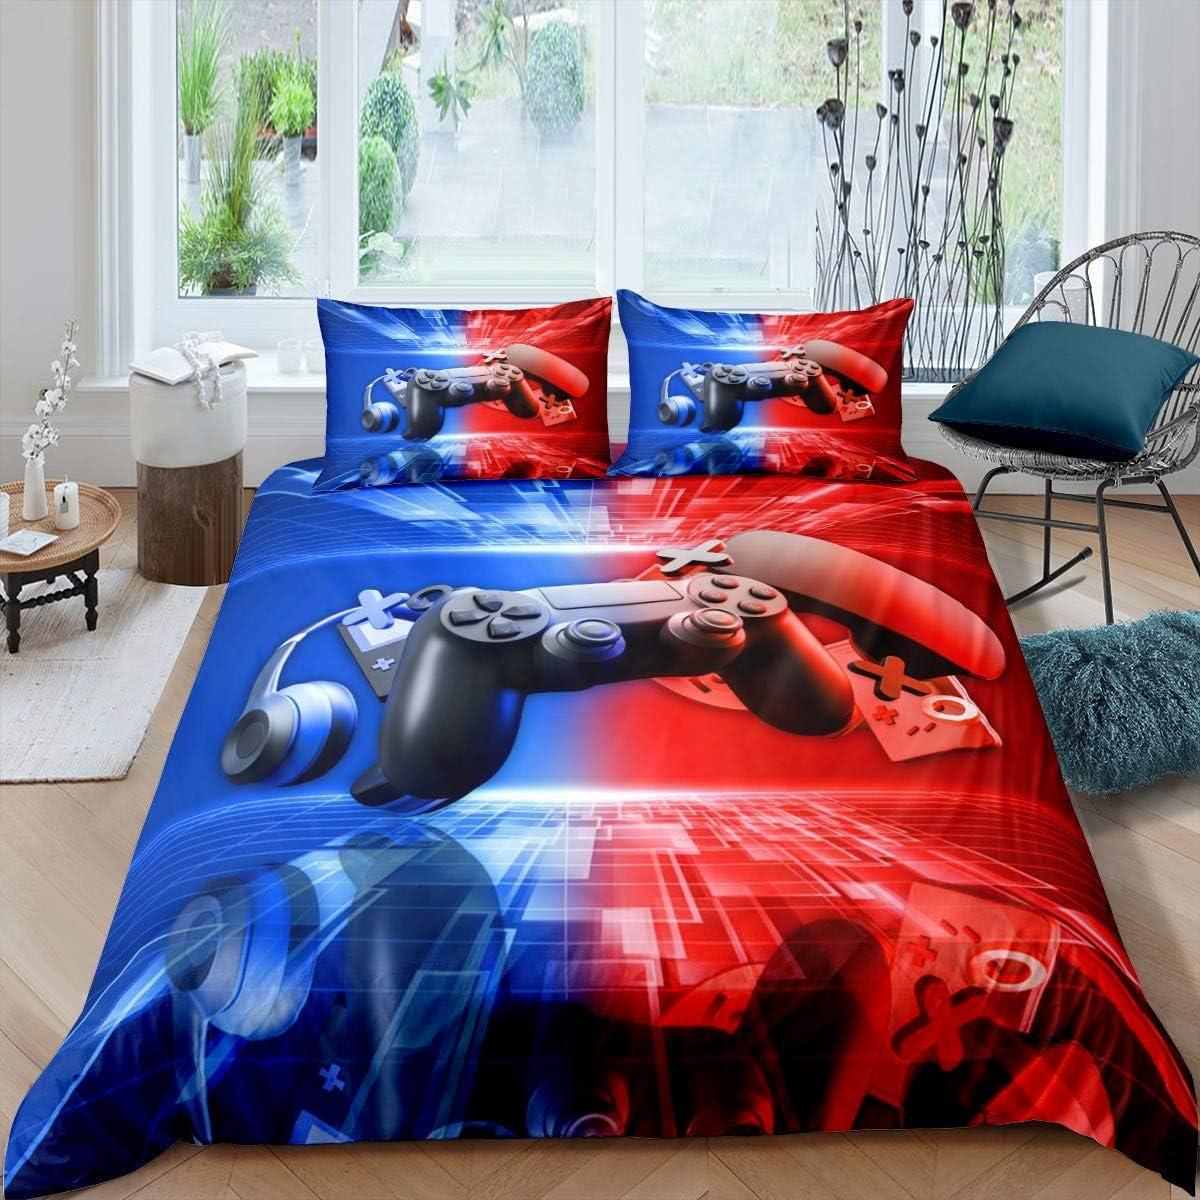 待望 Erosebridal Teen Gamepad Bedding Set Modern King Gami 『1年保証』 Size Gamer